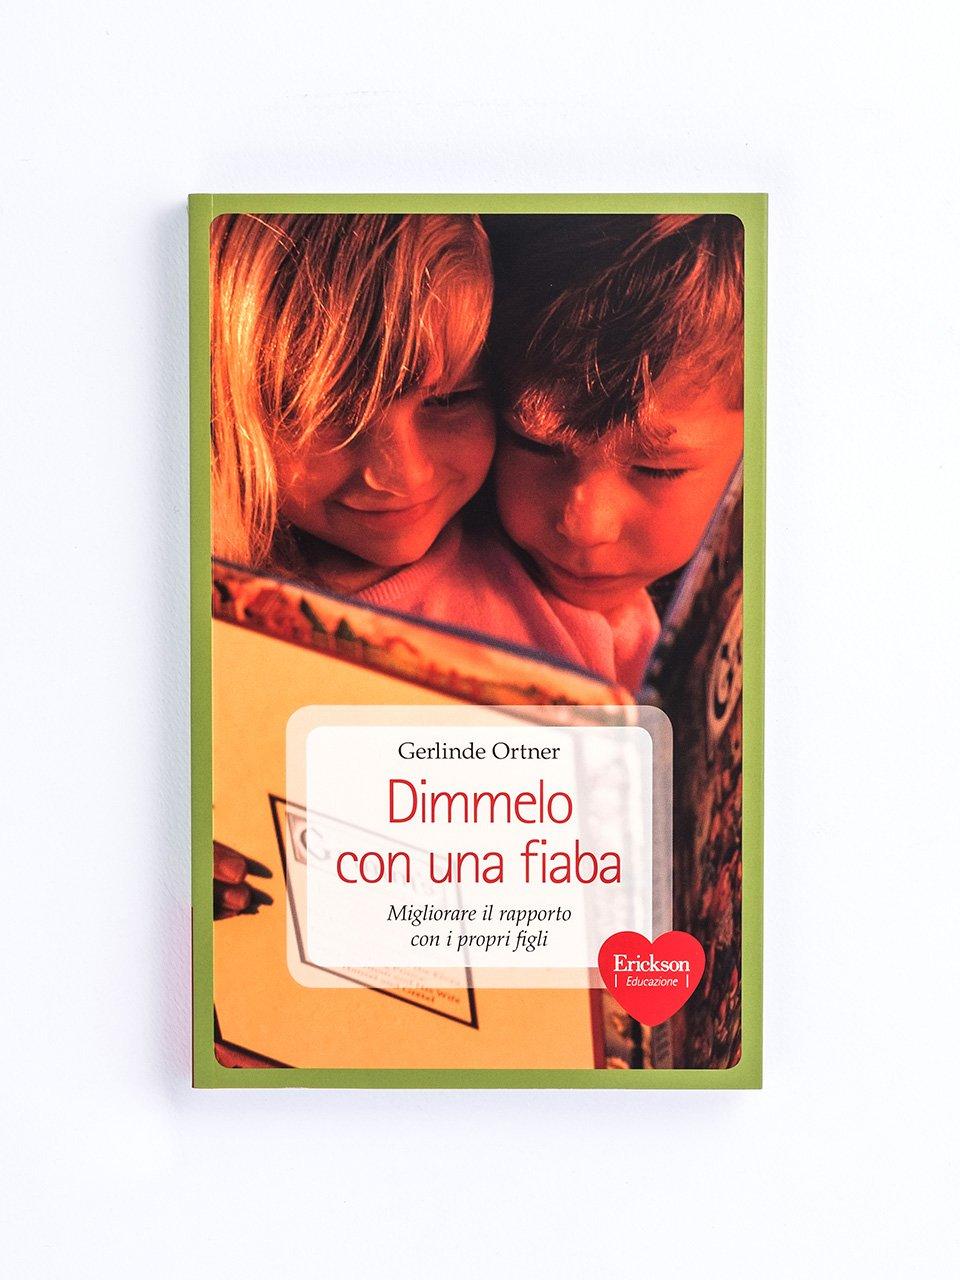 Dimmelo con una fiaba - Mamma e papà si separano - Libri - Erickson